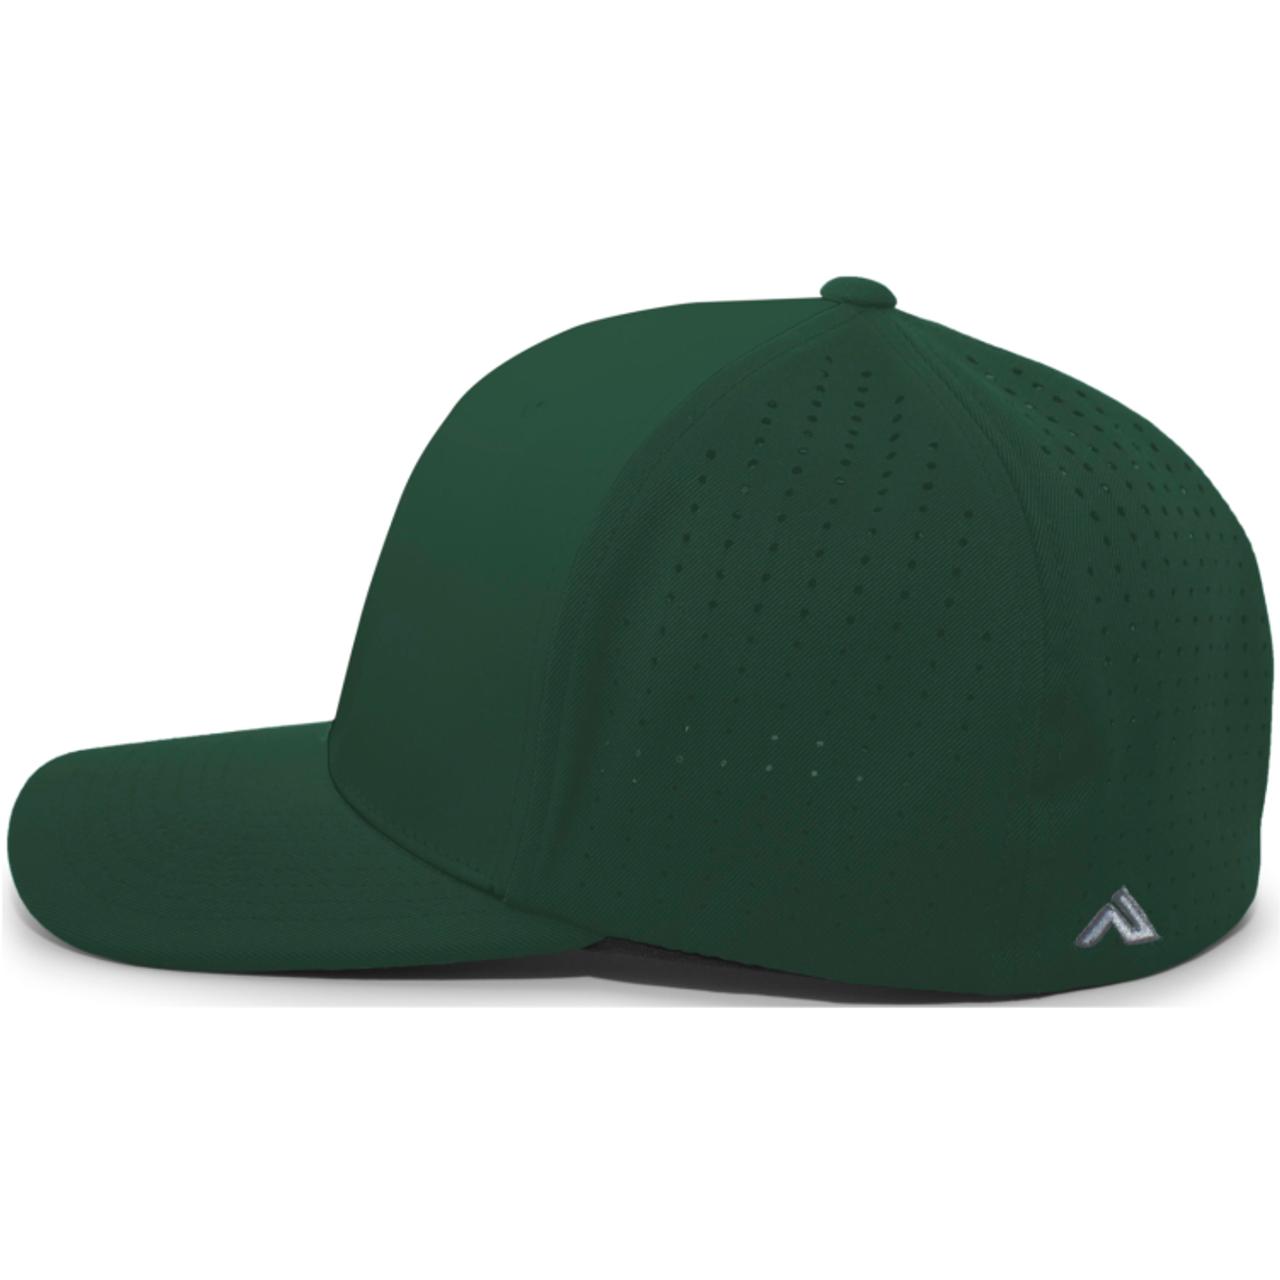 Black River Perfomance Flexfit Hat